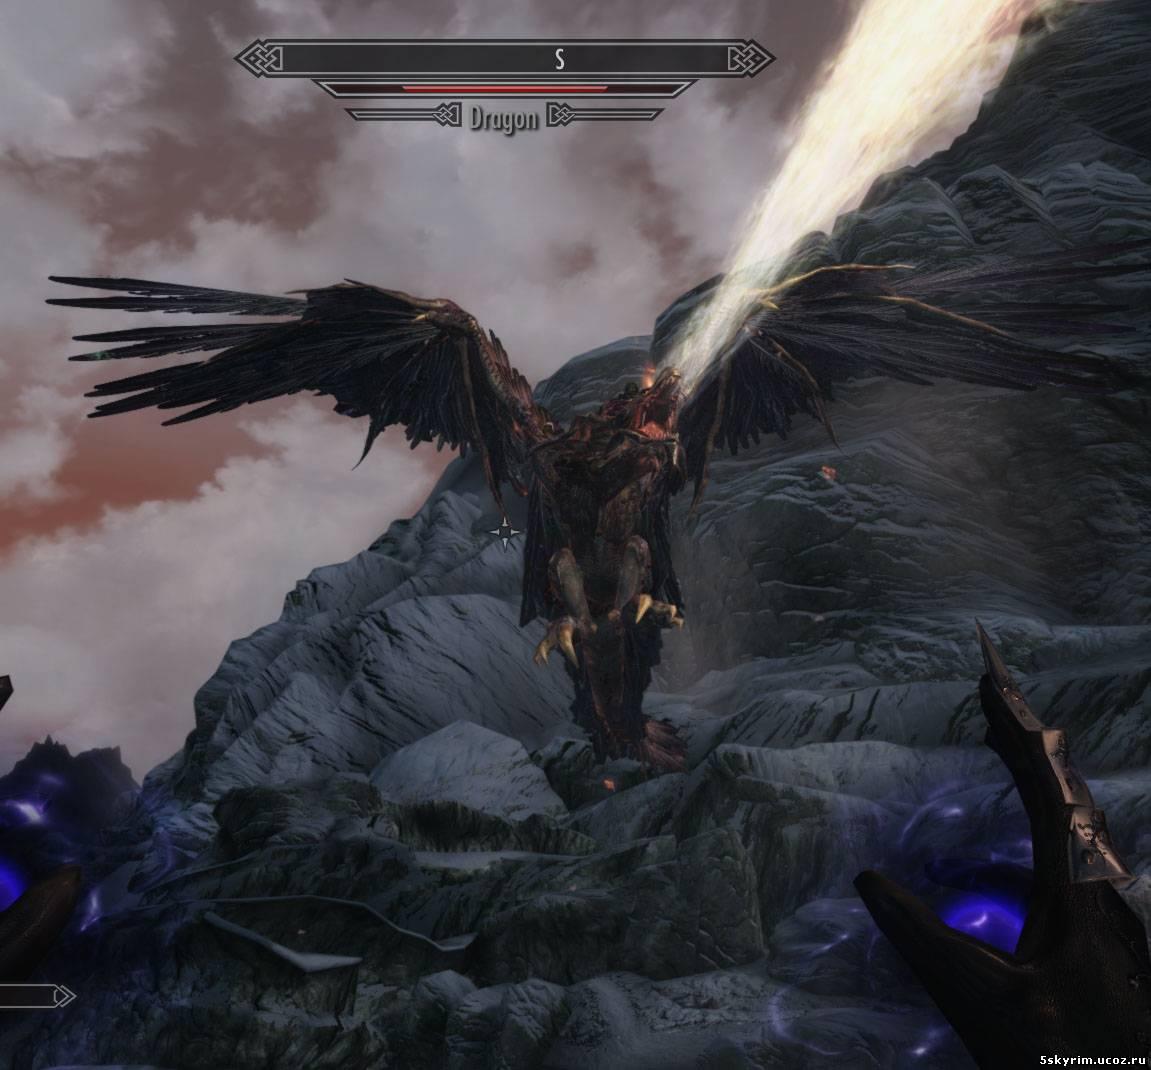 Трансформация человека в дракона картинки 14 фотография